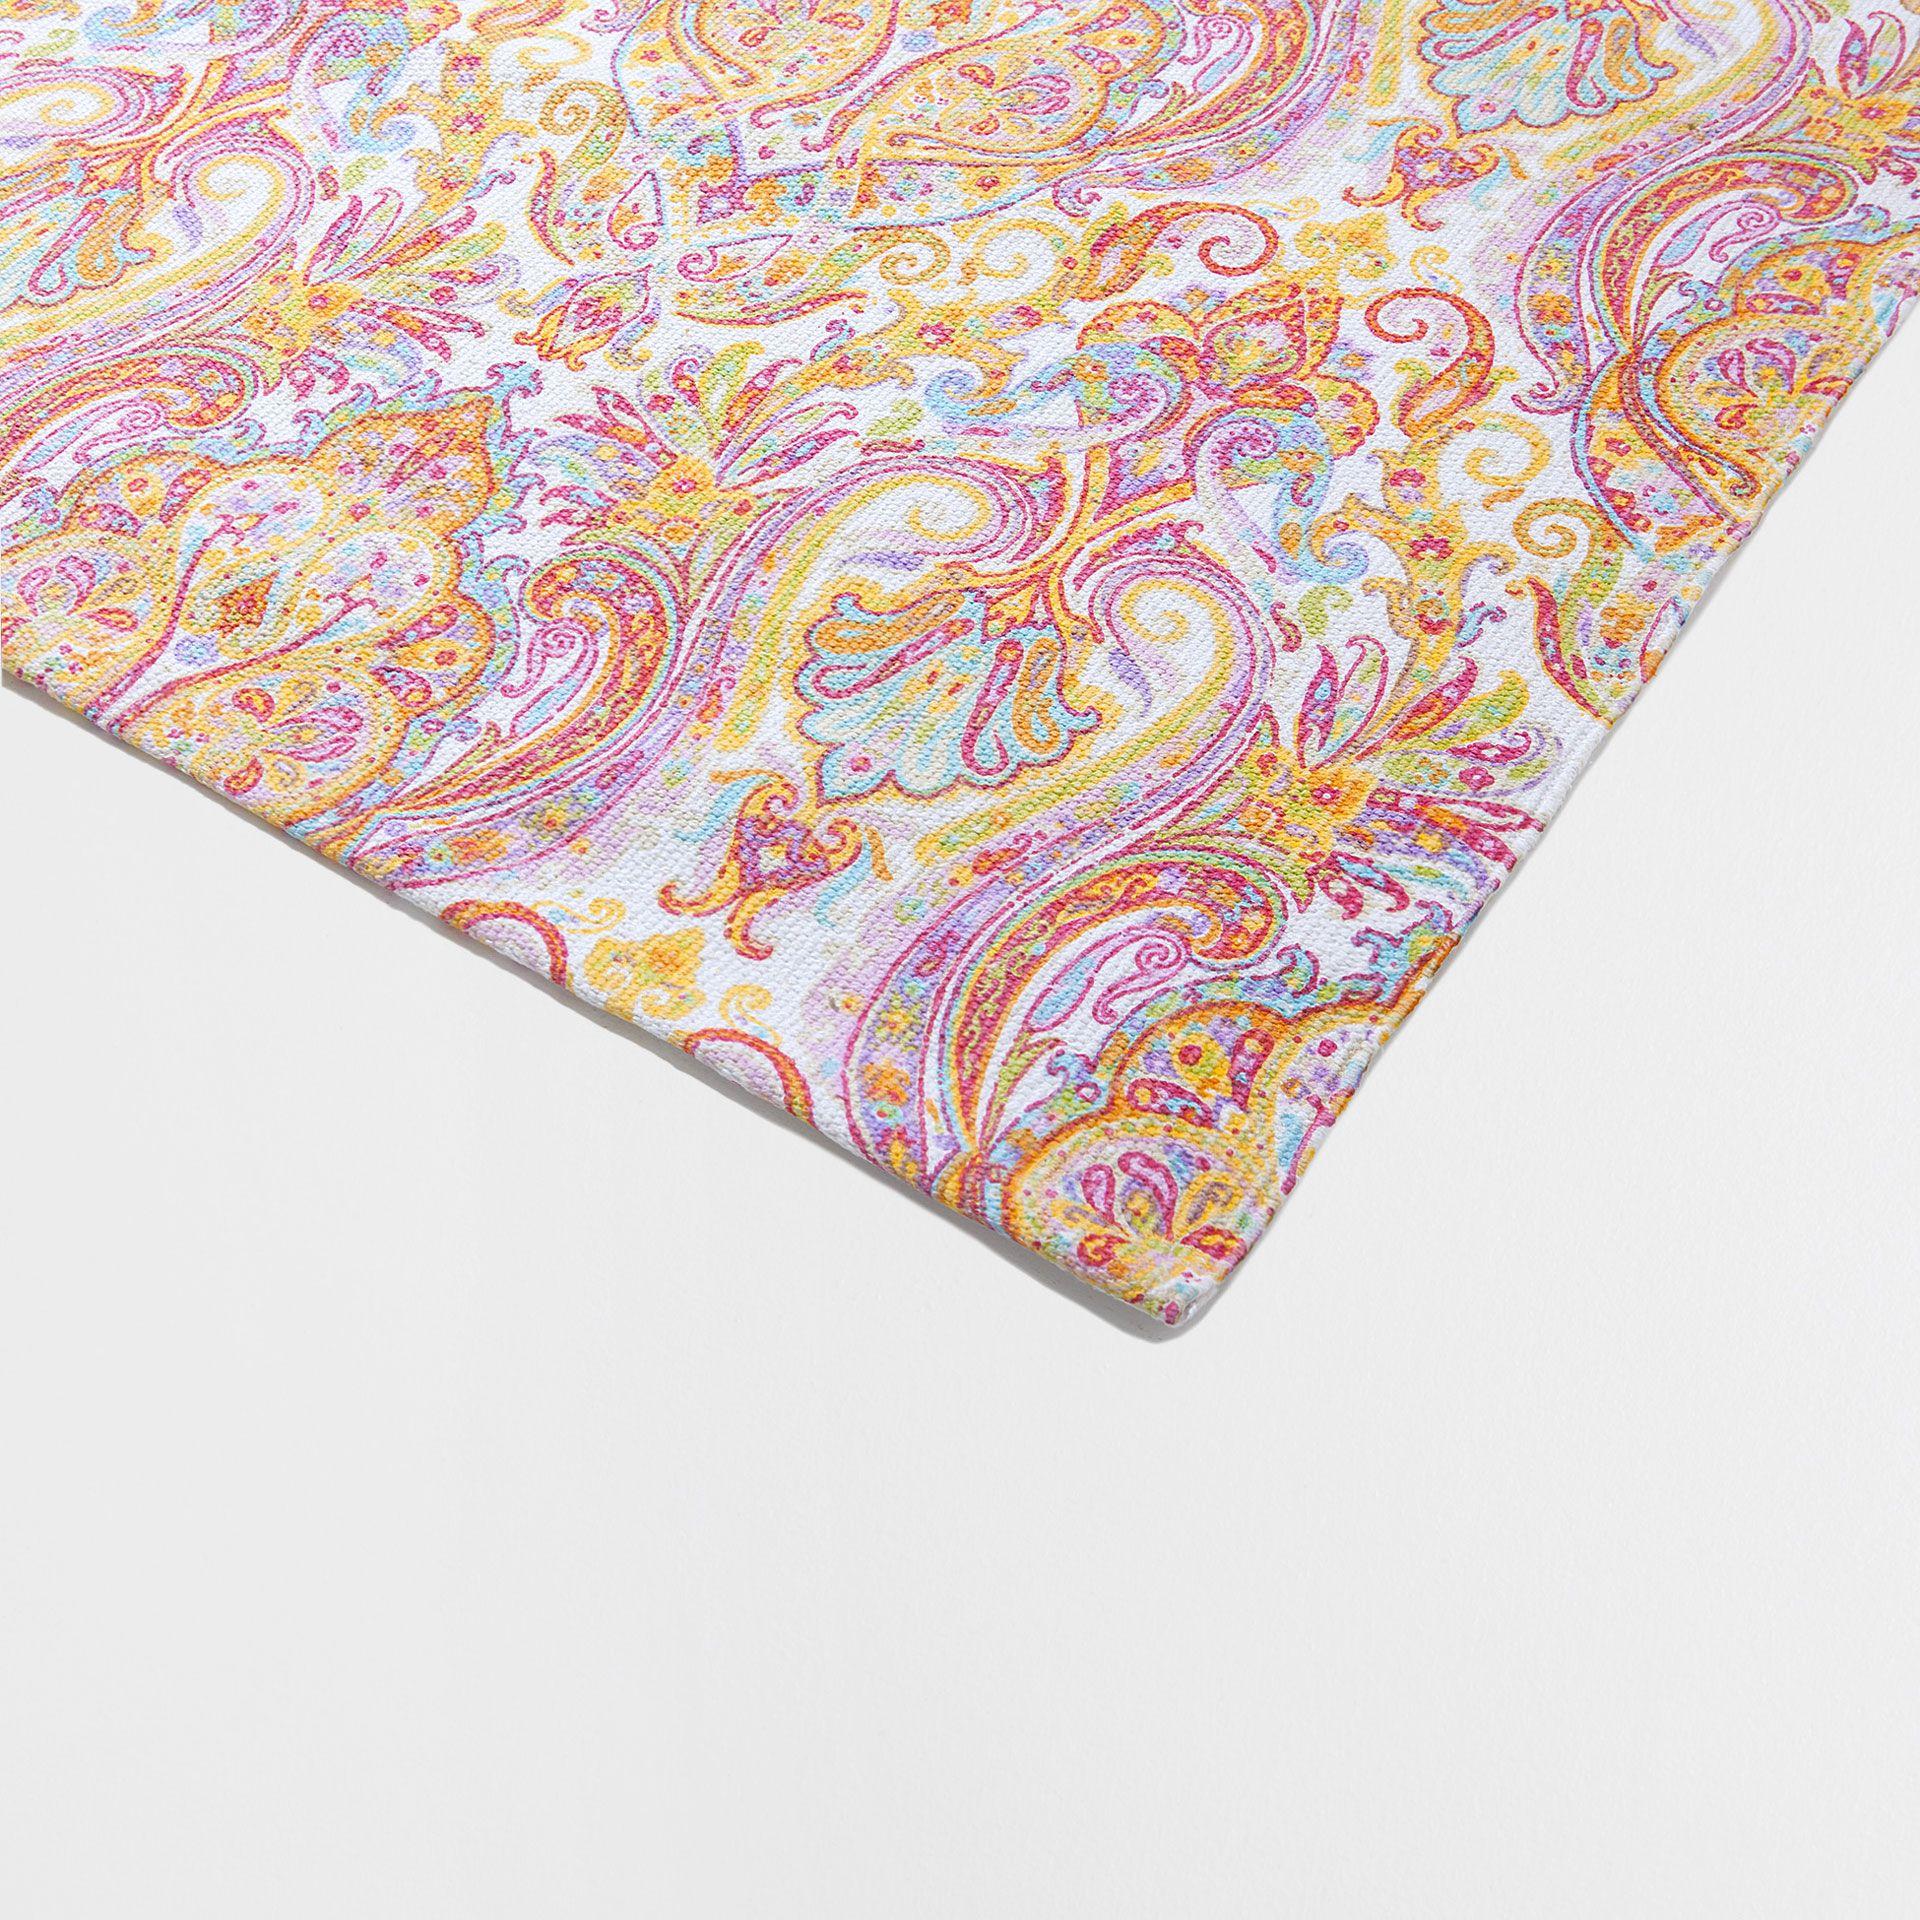 Zara Home Teppich teppich mit paisleyprint teppiche dekoration zara home